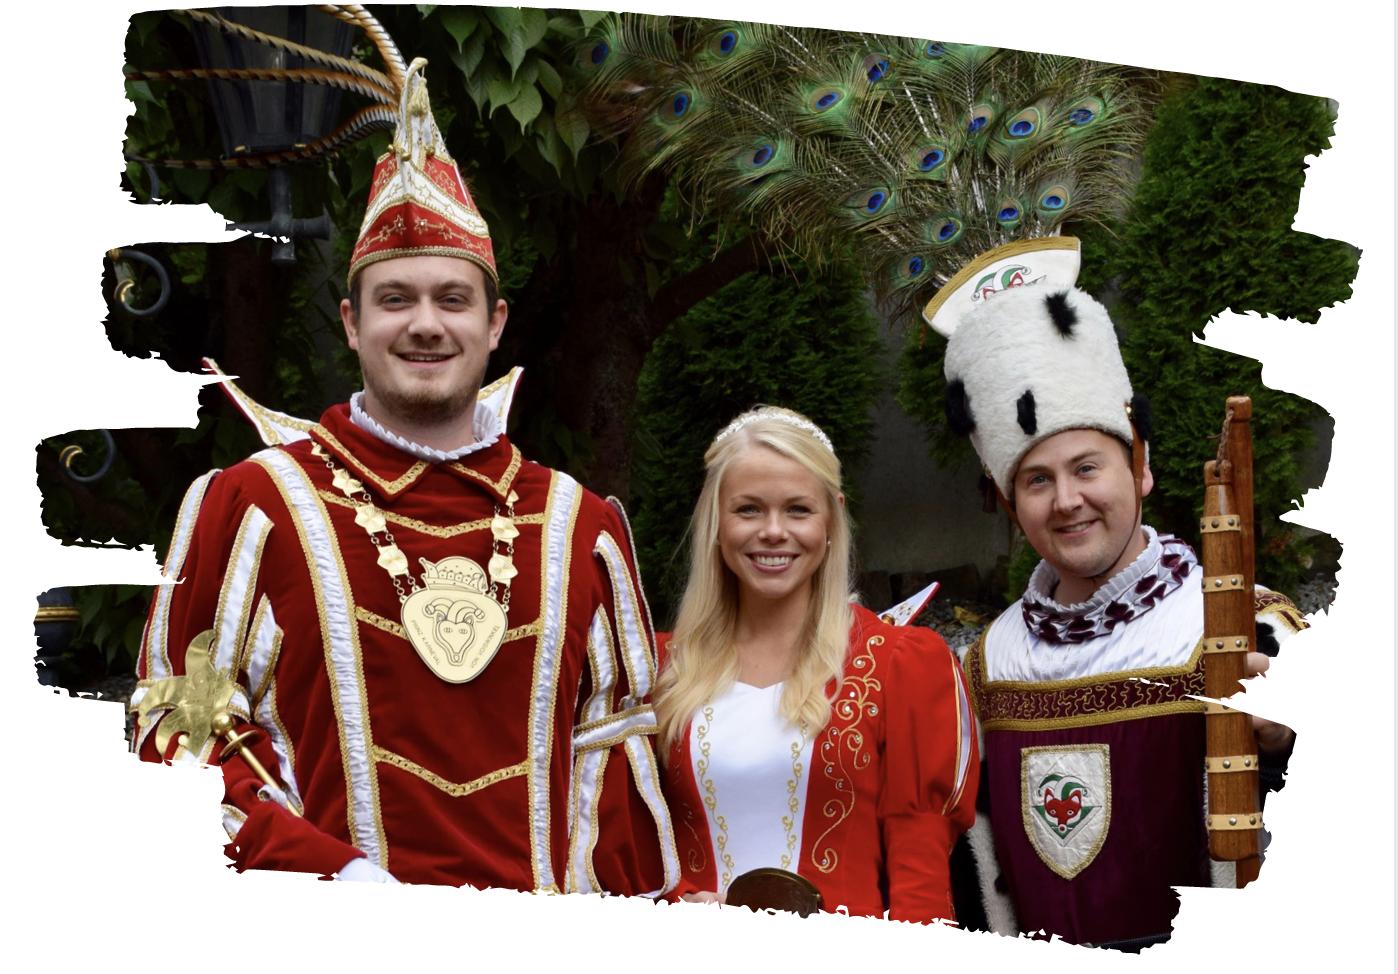 Oberbettingen karnevalsumzug 2021 explain a lucky 31 betting